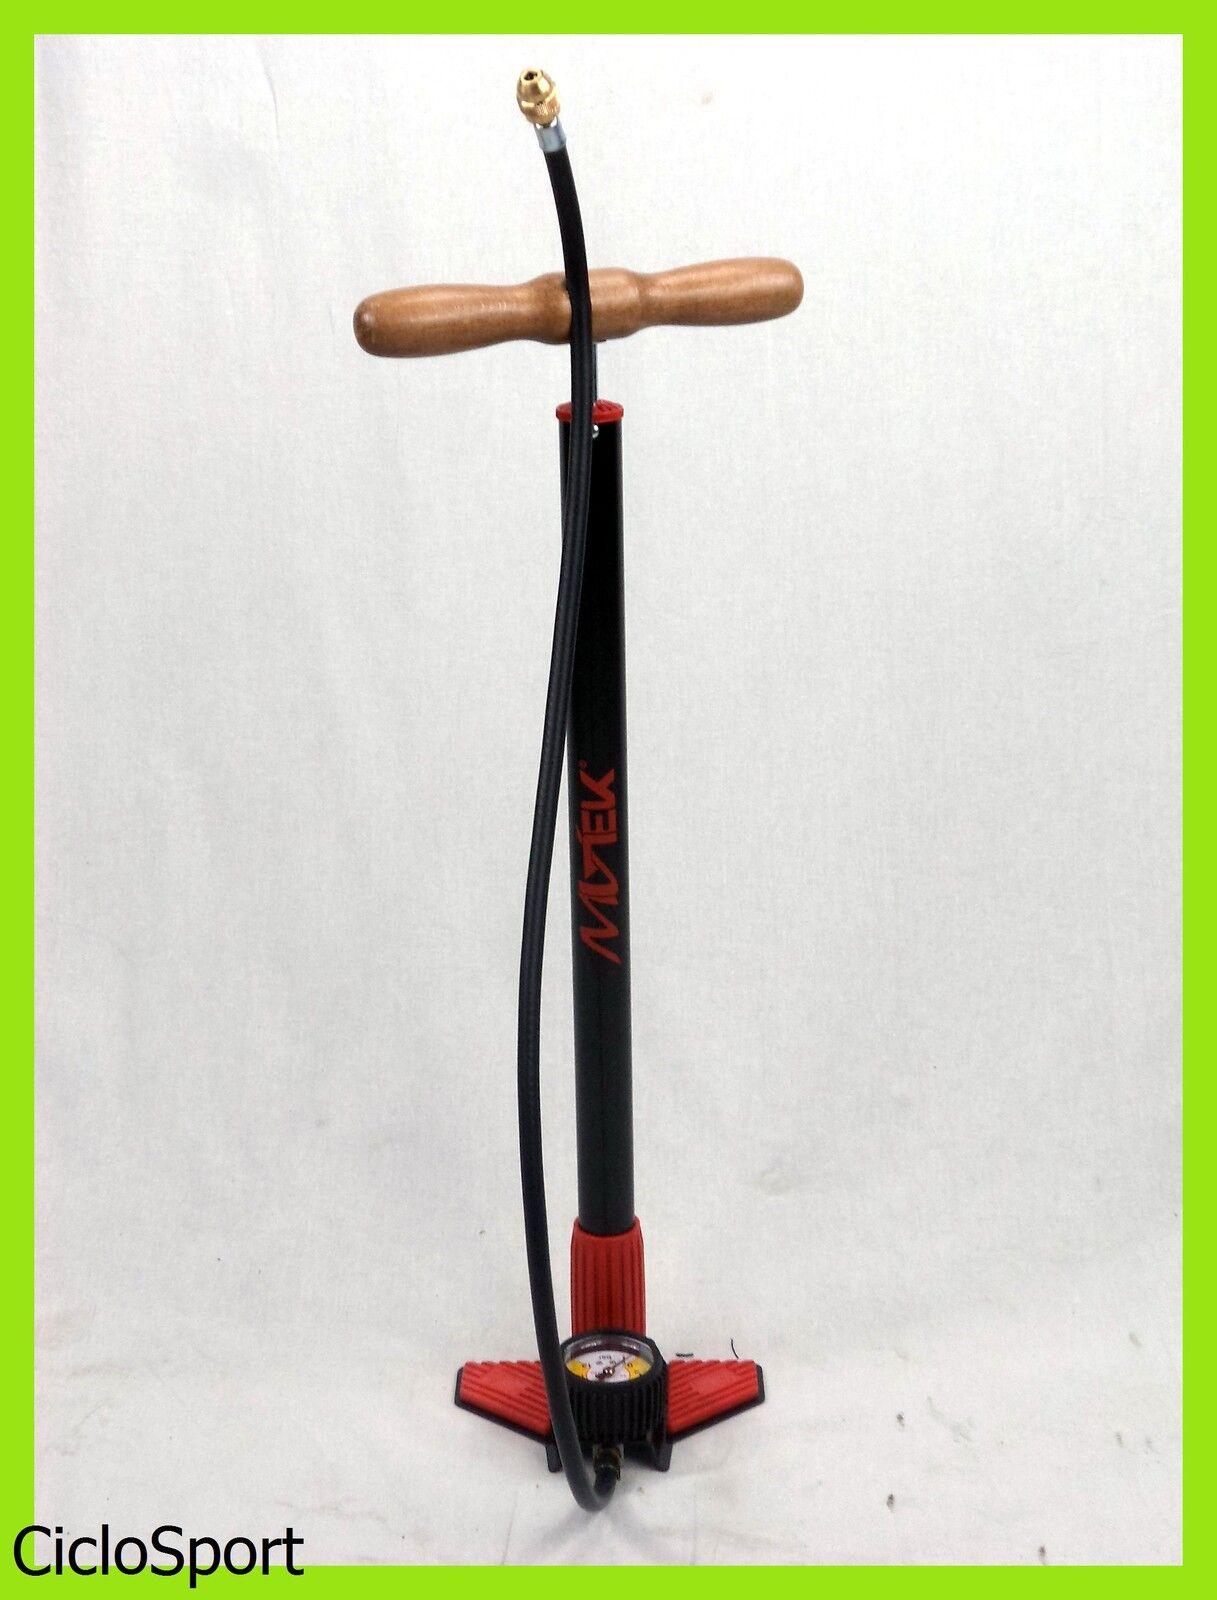 Pompa gonfiaggio alta pressione con manometro per bicicletta